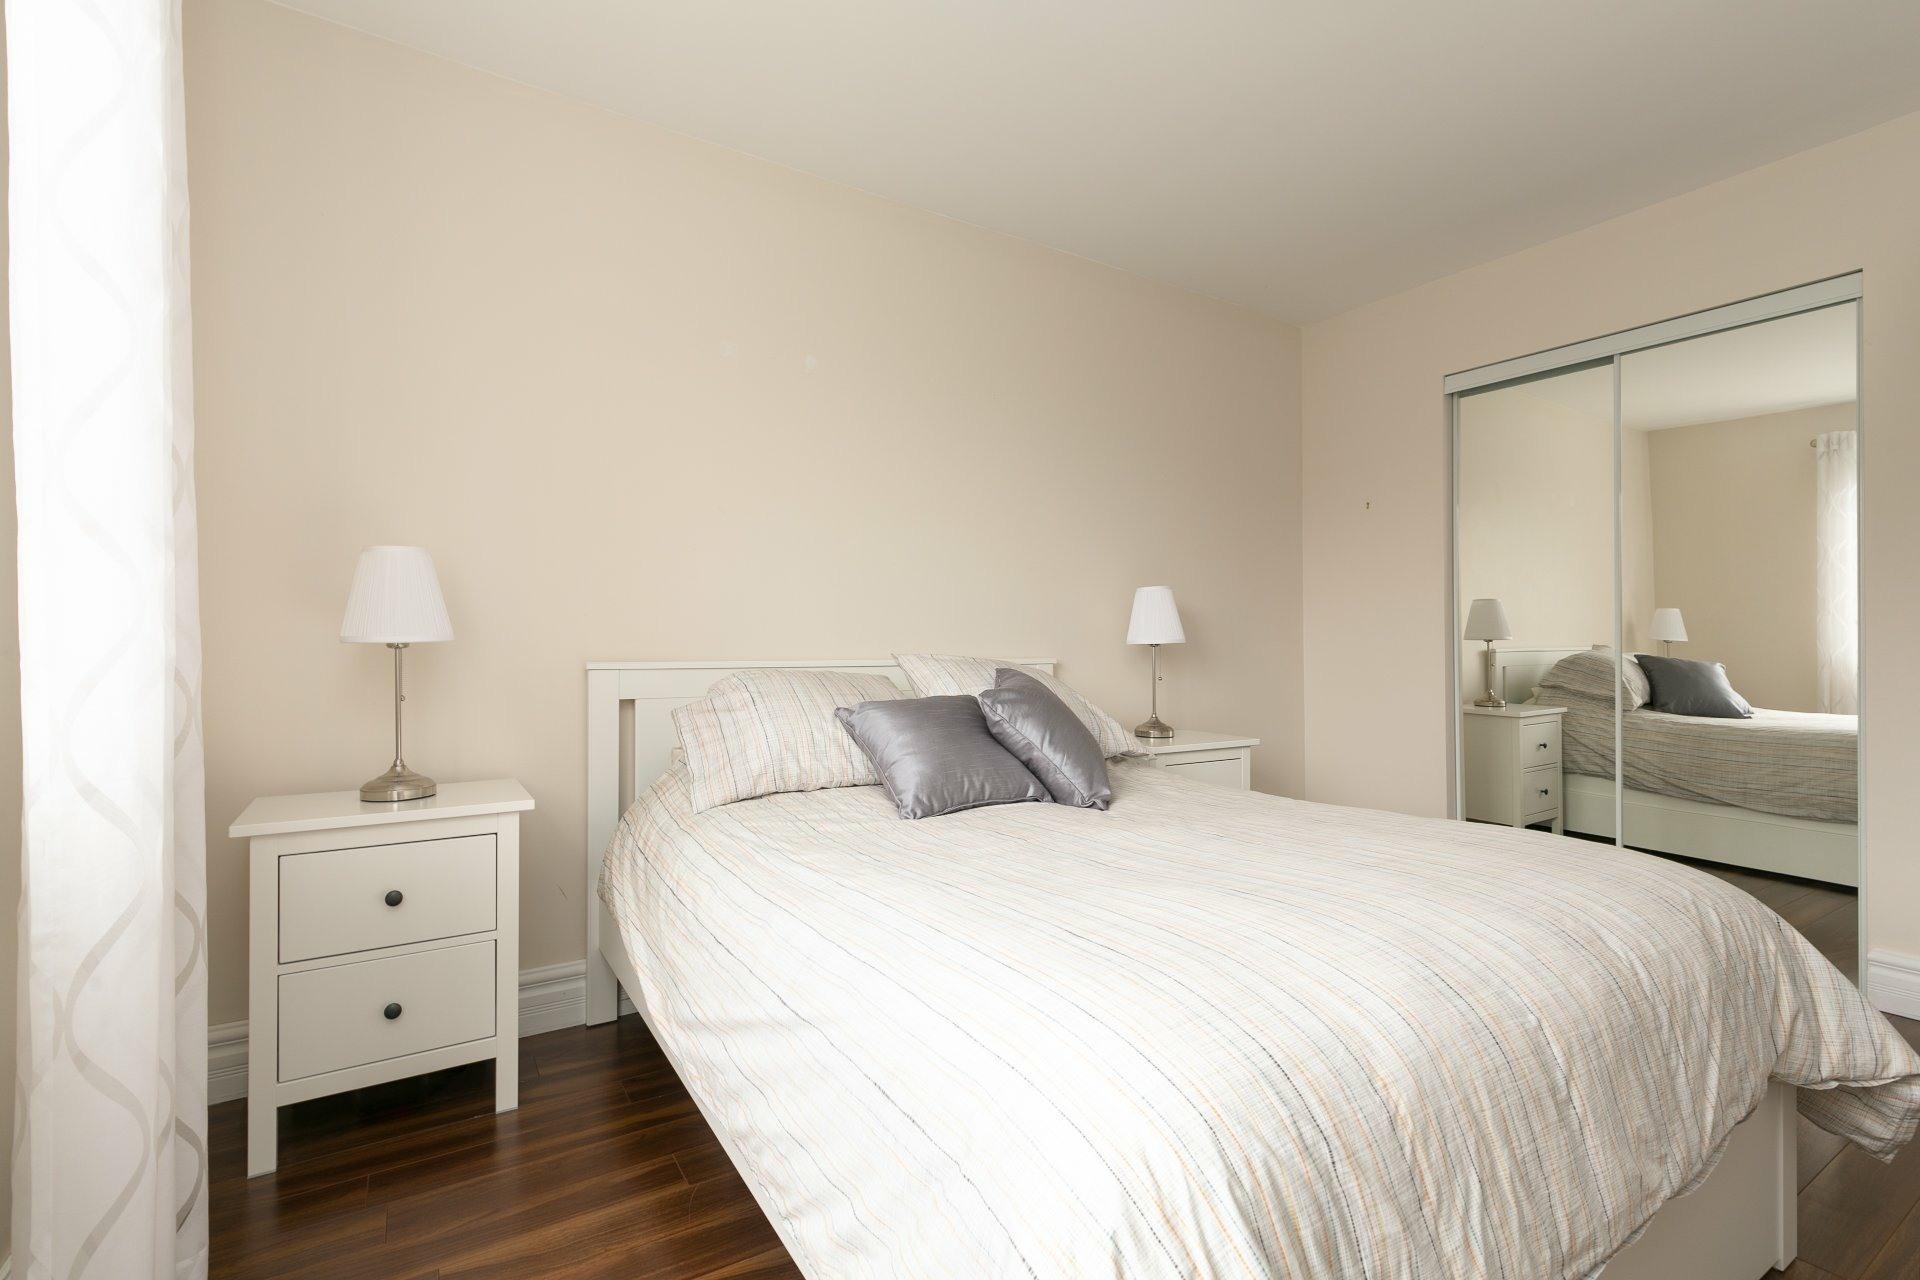 image 11 - Appartement À vendre Mont-Saint-Hilaire - 7 pièces